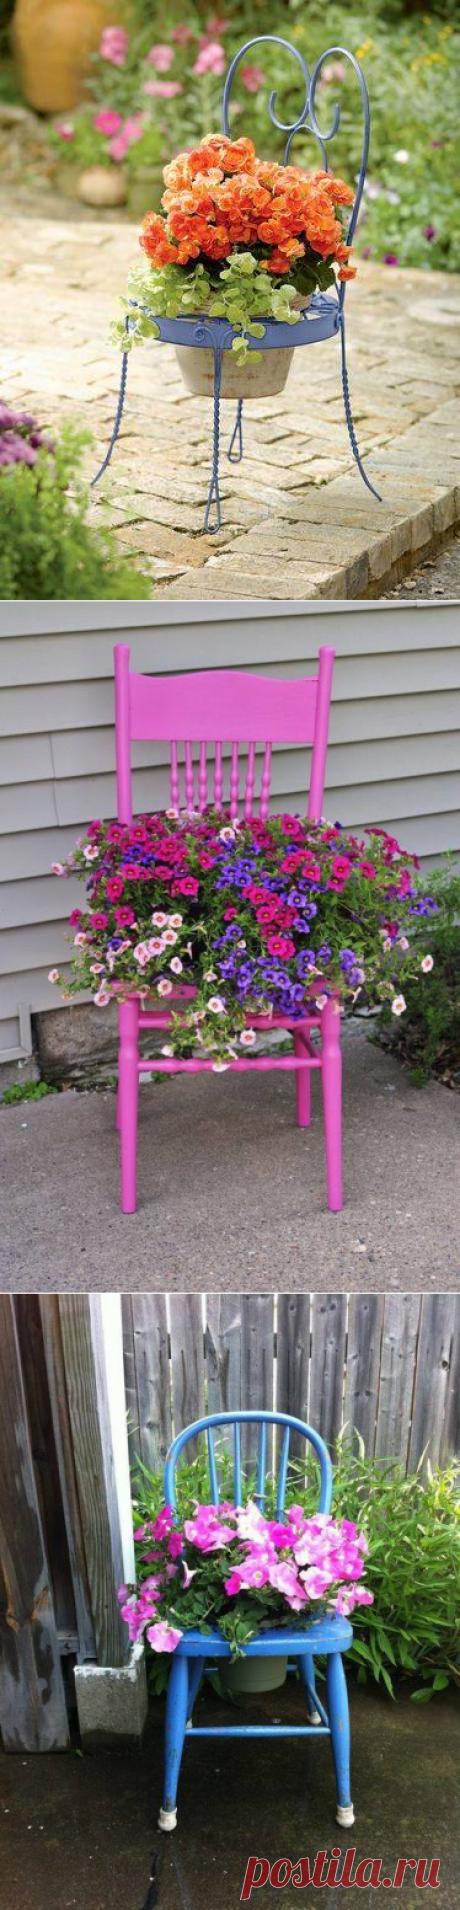 De las sillas viejas. Las ideas para la casa de campo.